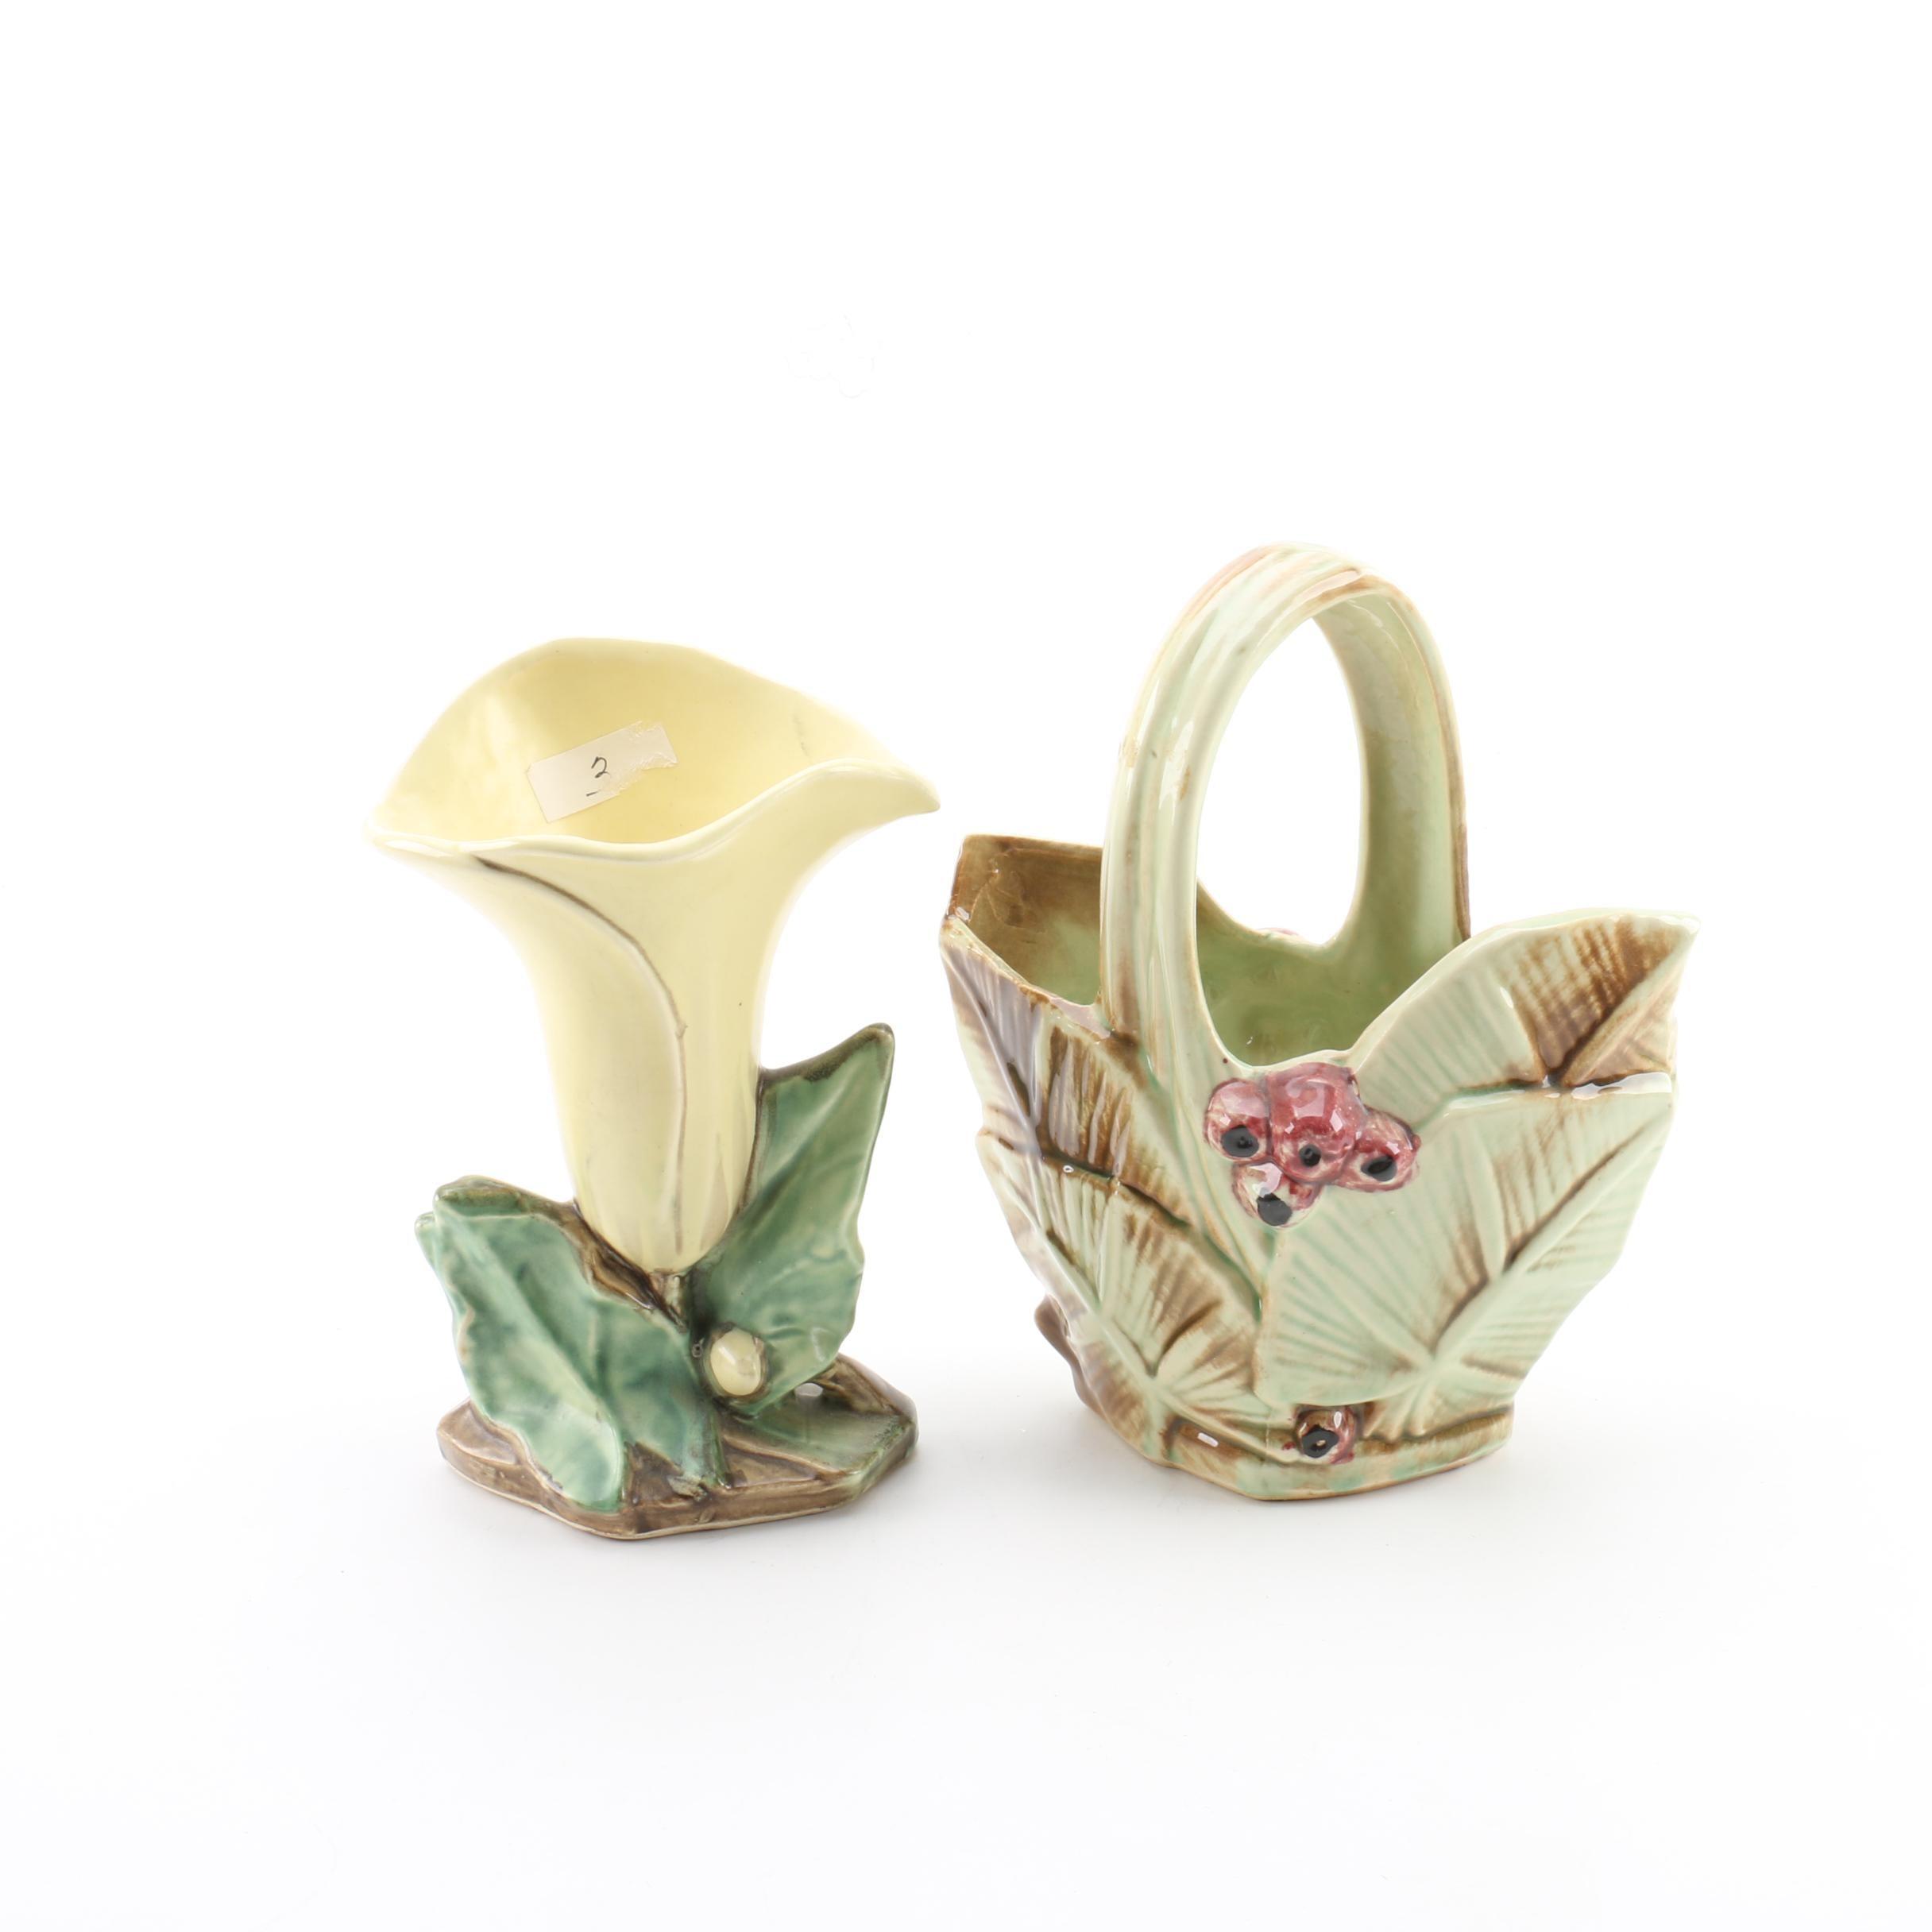 Vintage McCoy Pottery Basket and Flower Vase